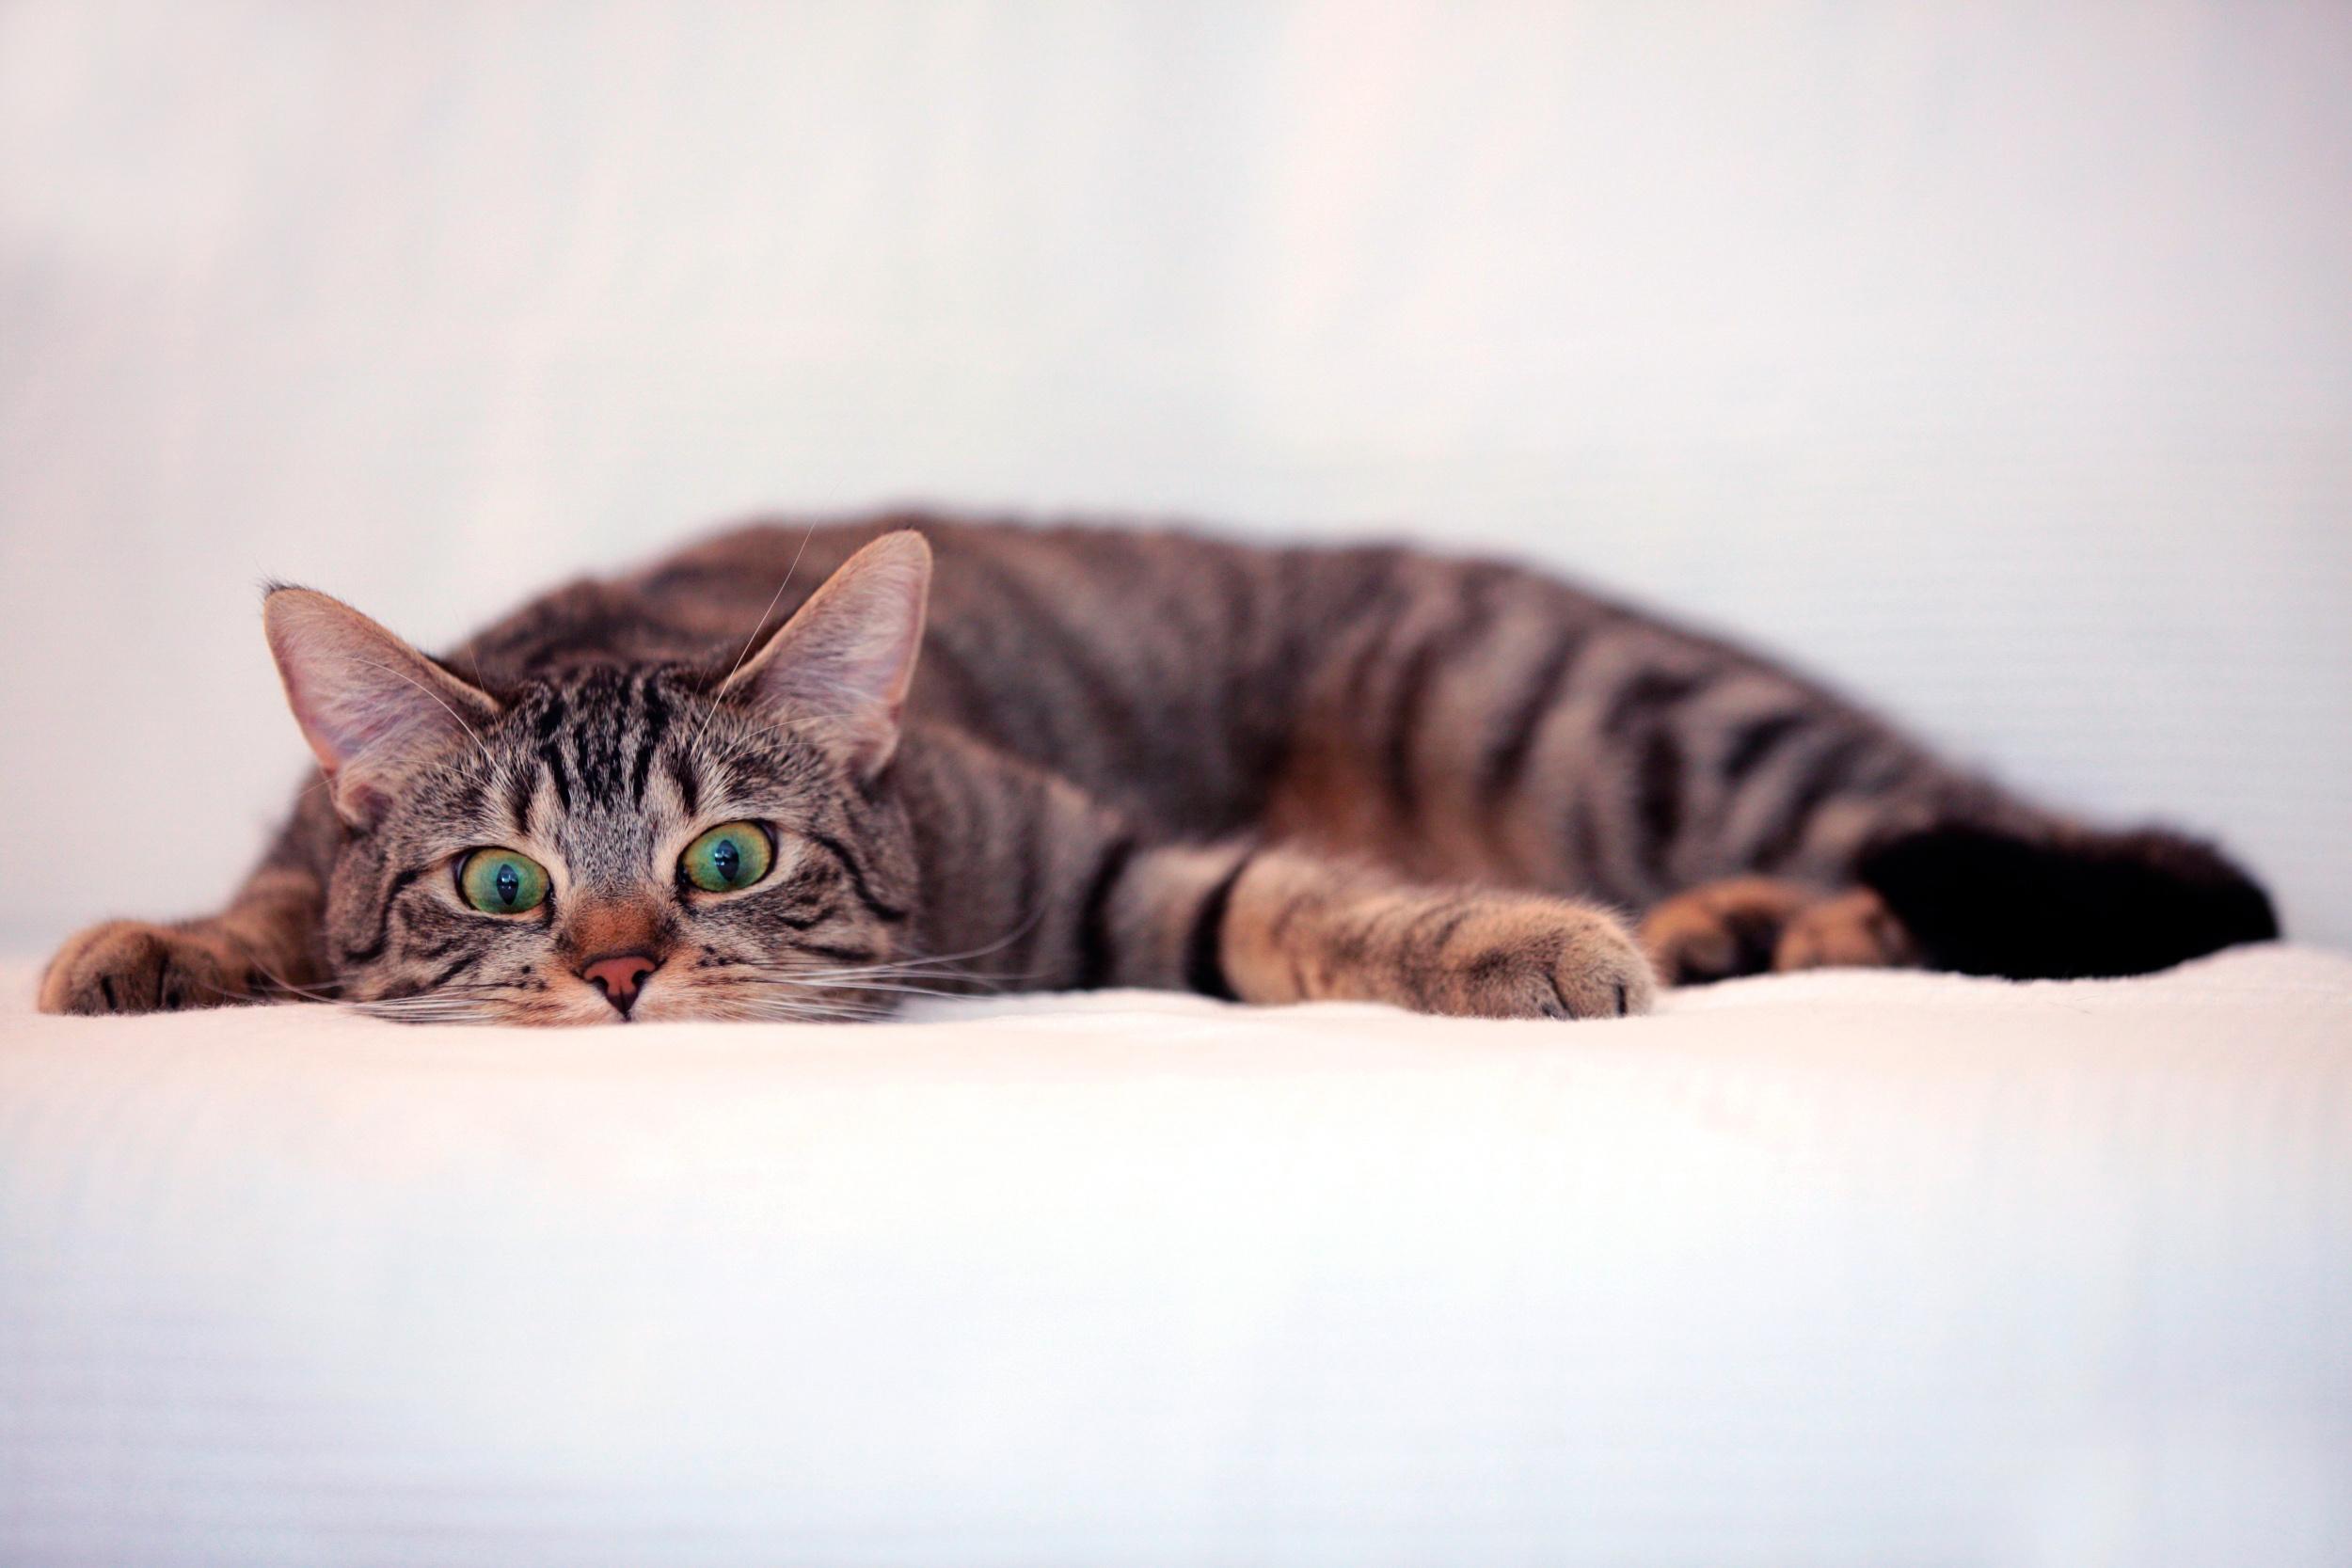 HDoboi.Kiev.ua - Зеленоглазый красивый кот, обои на компьютер коты